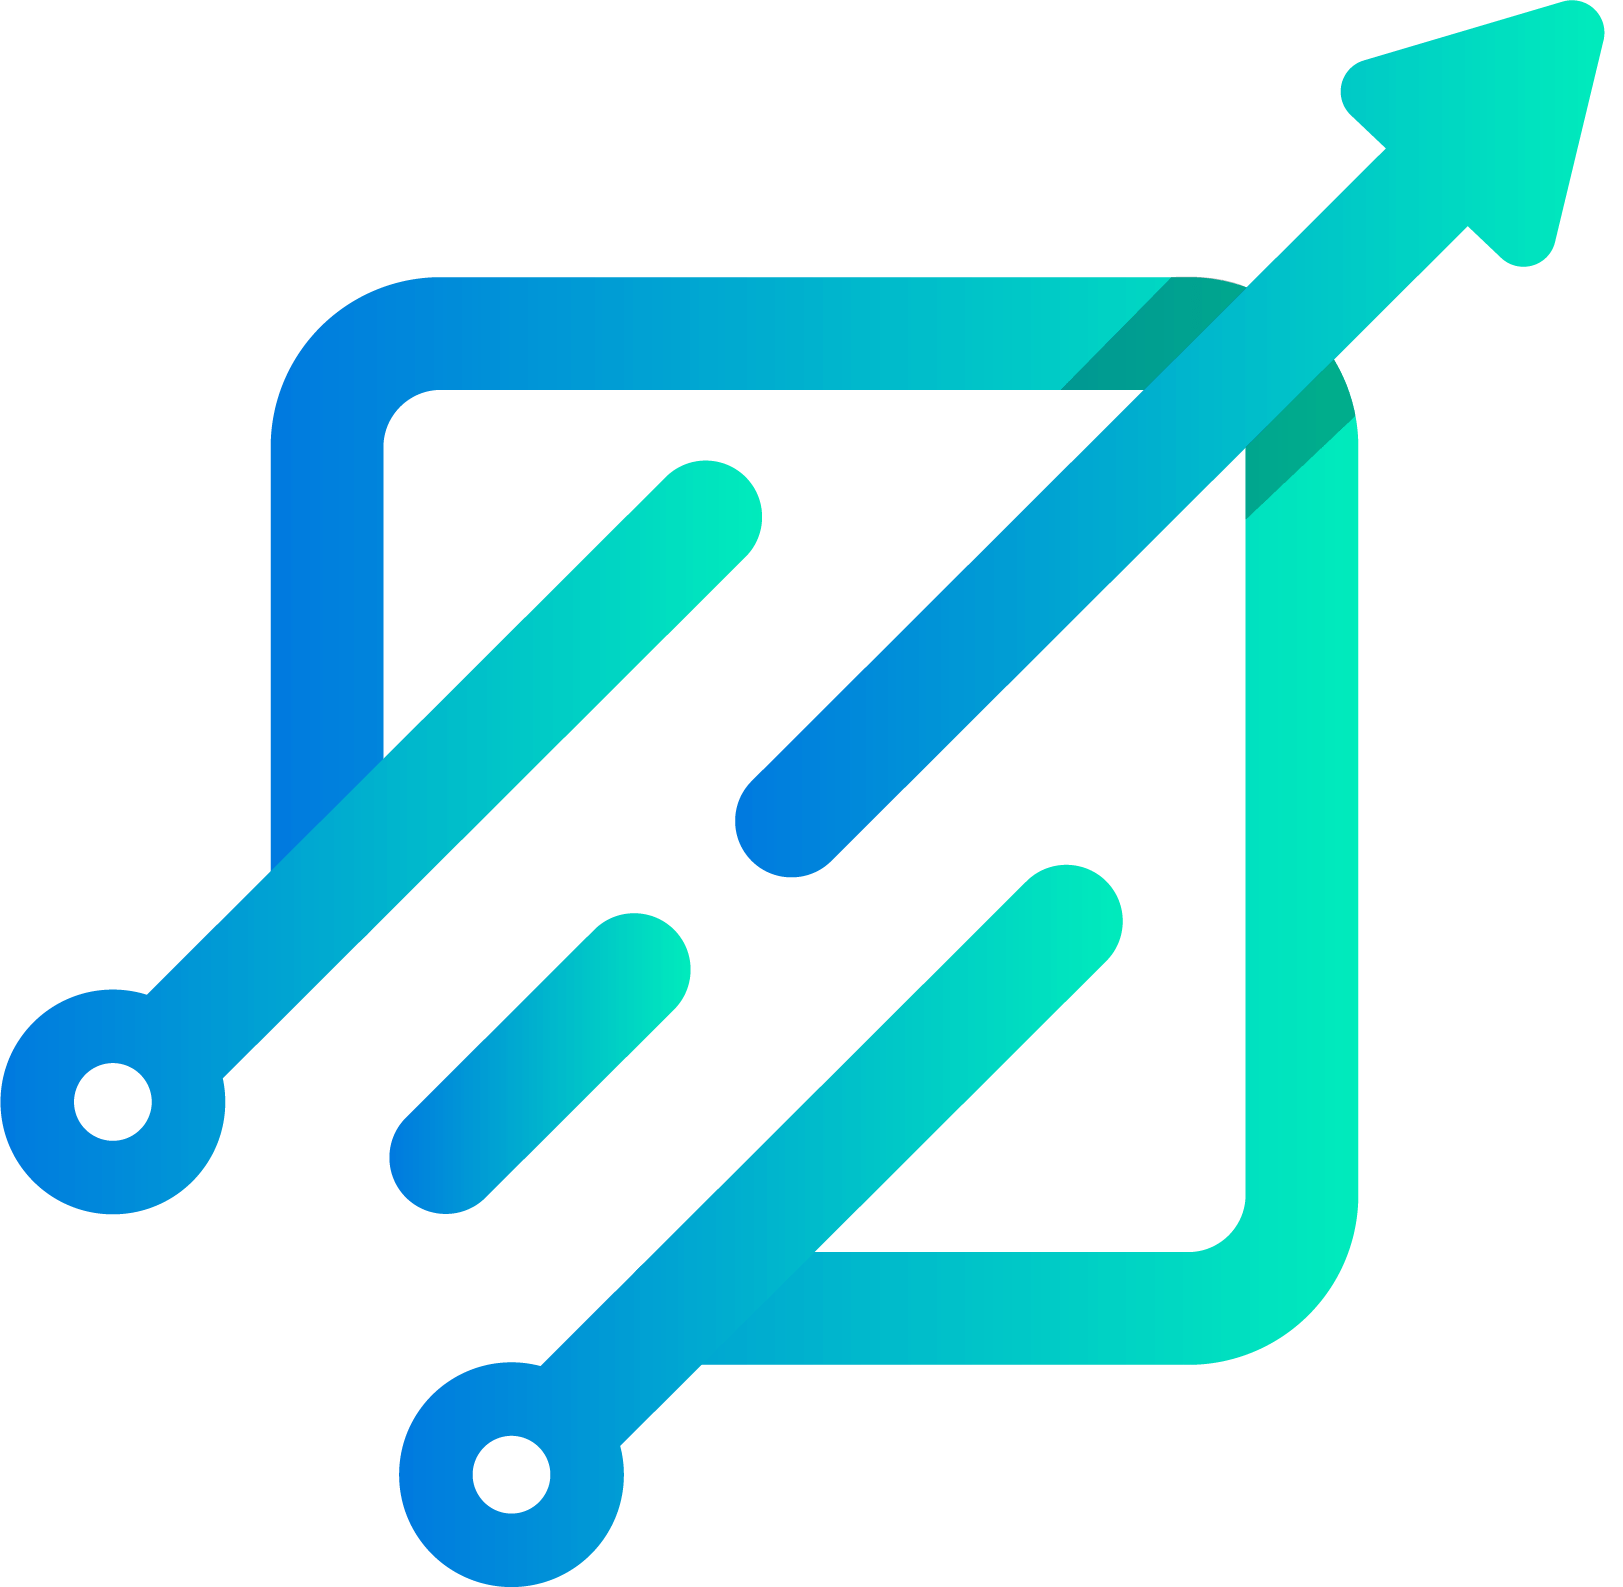 LinkedFusion - отзывы, цена, альтернативы (аналоги, сравнения, стоимость услуг)